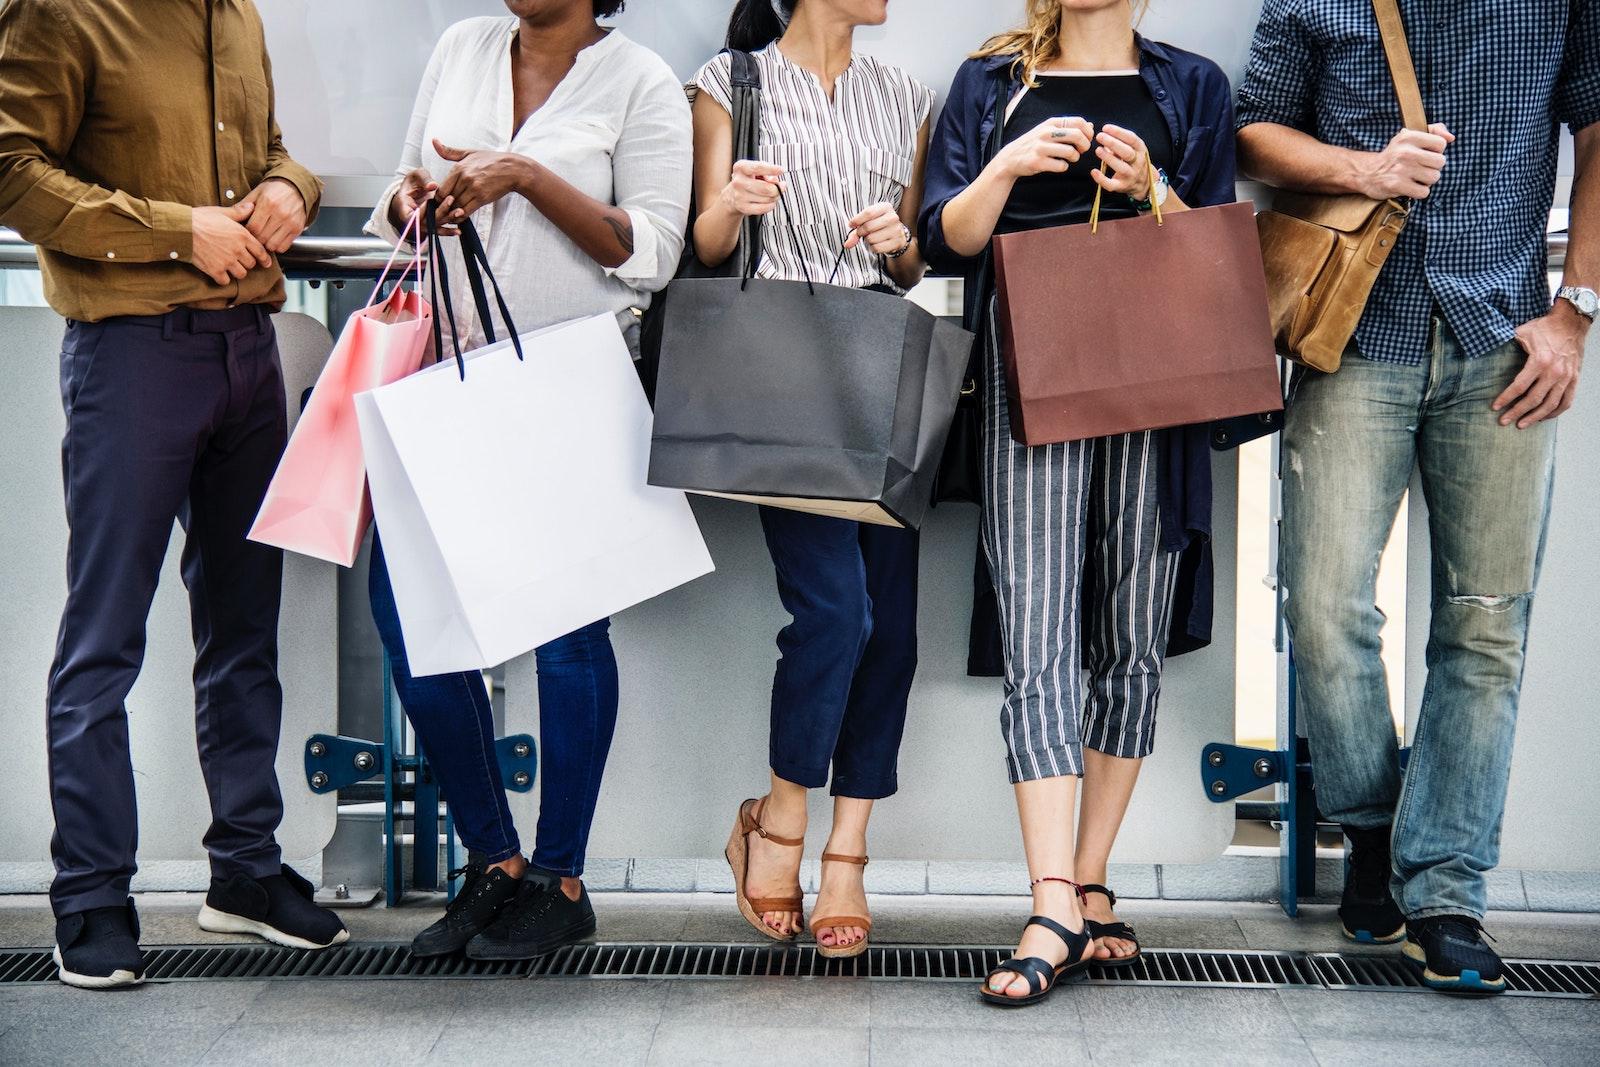 Concierge služba Just Tress It se soustředí na nákup produktů, které nelze snadno sehnat